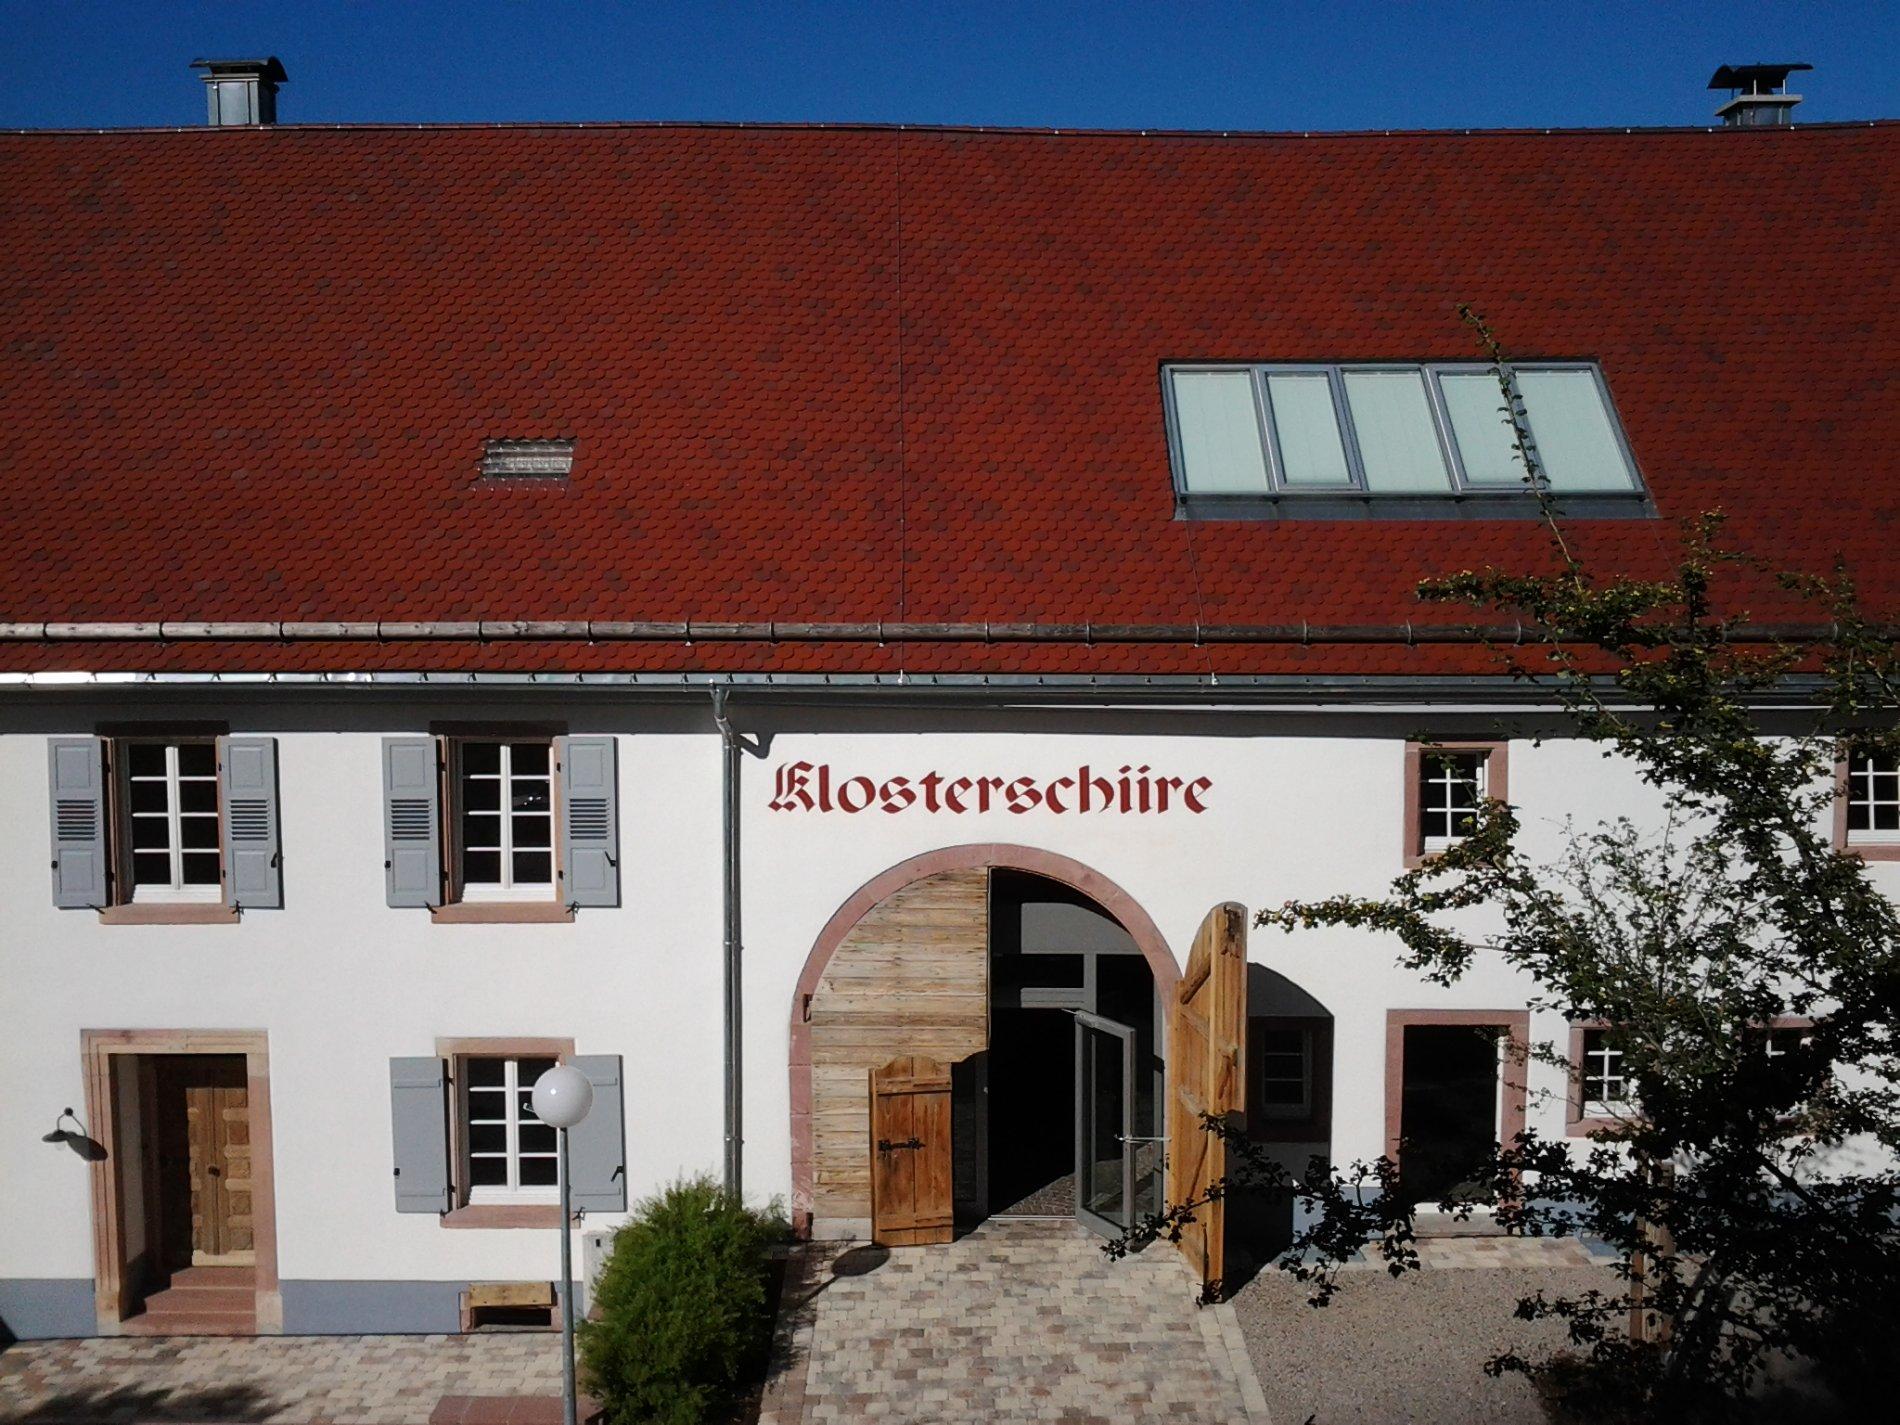 Klosterschiire in Oberried